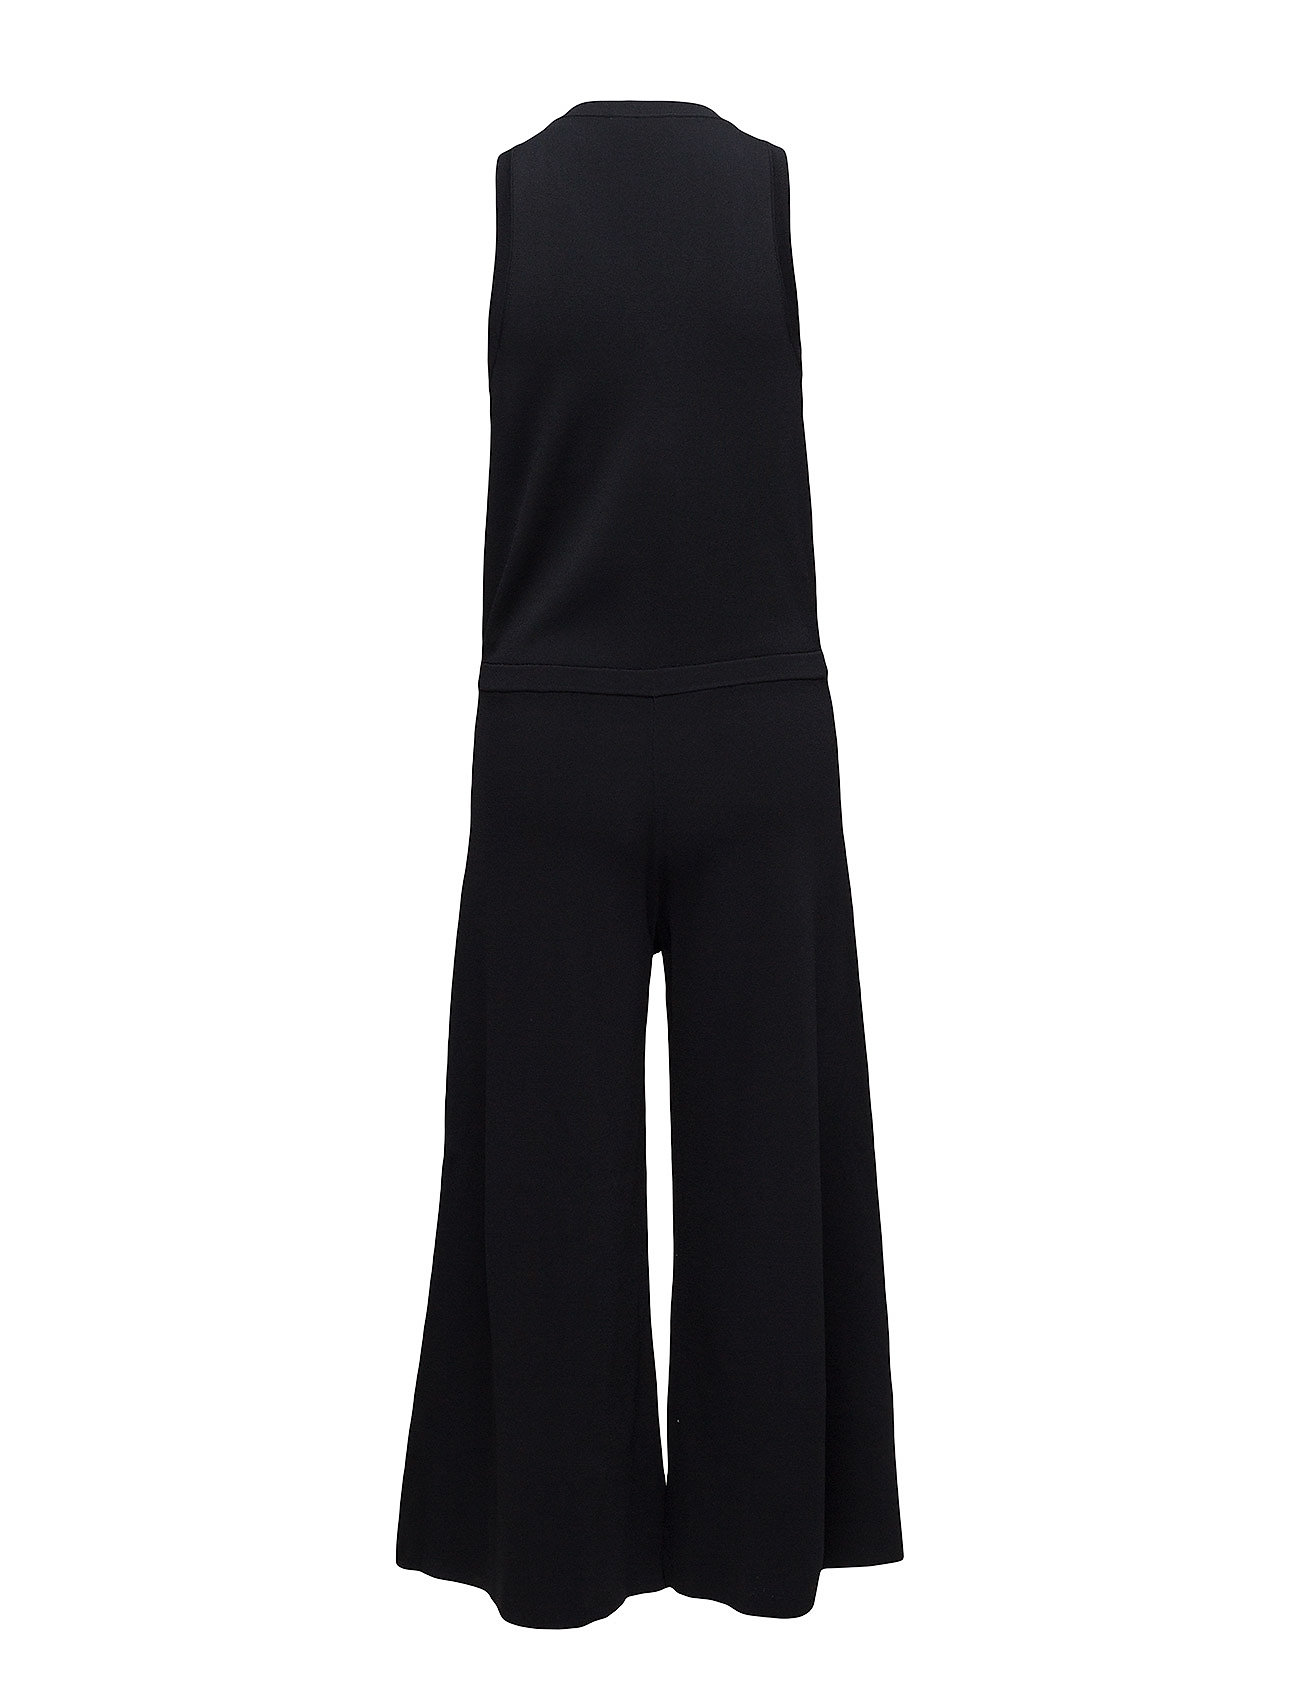 Bodysuit Bodysuit lustrablack Wrap Wrap lustrablack Bodysuit Wrap 001Theory 001Theory Y6yIbfgm7v